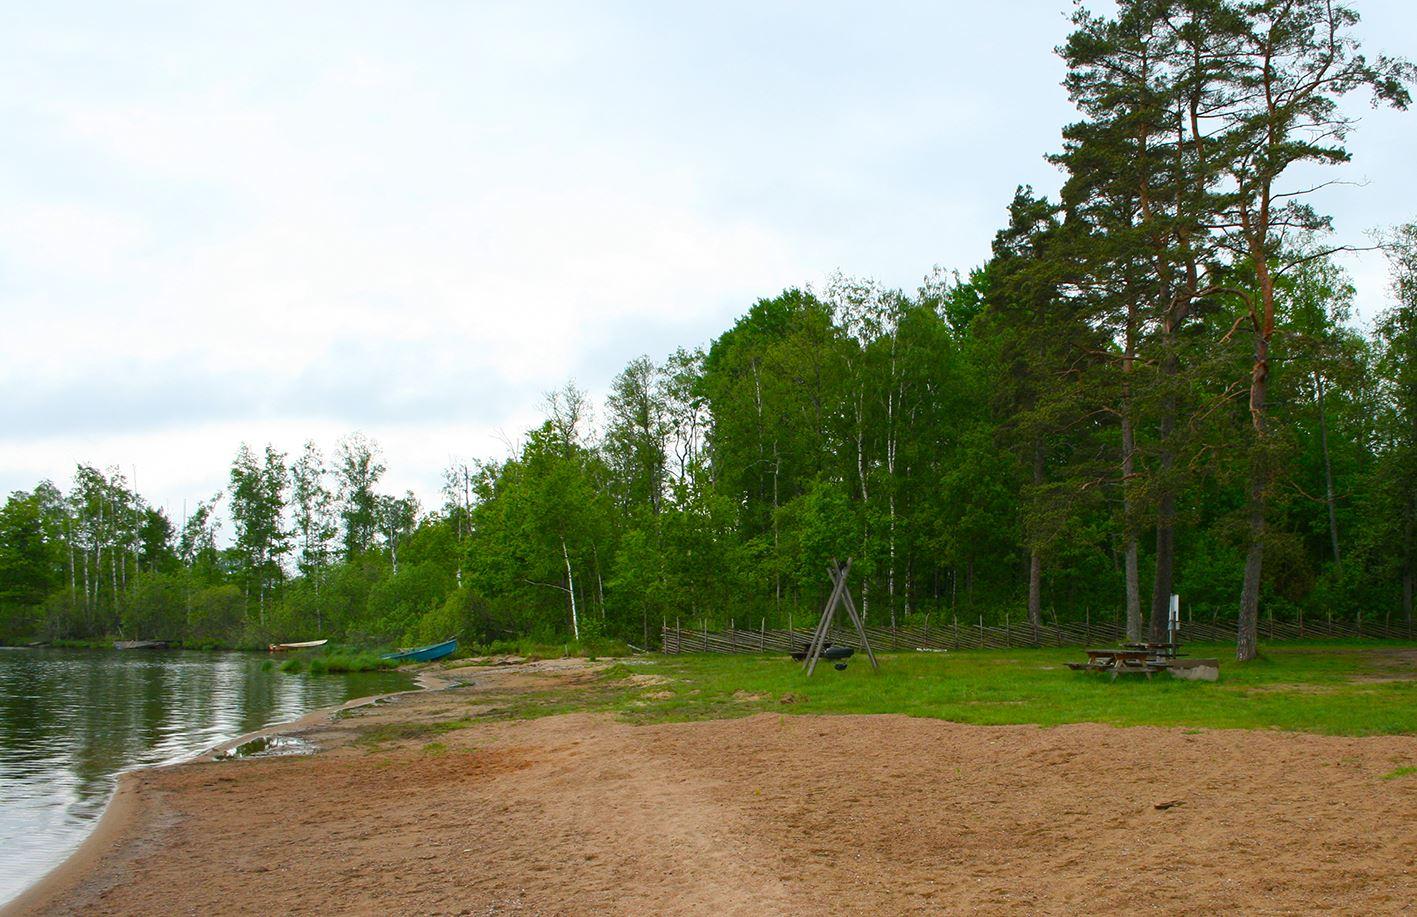 Agunnaryds badplats